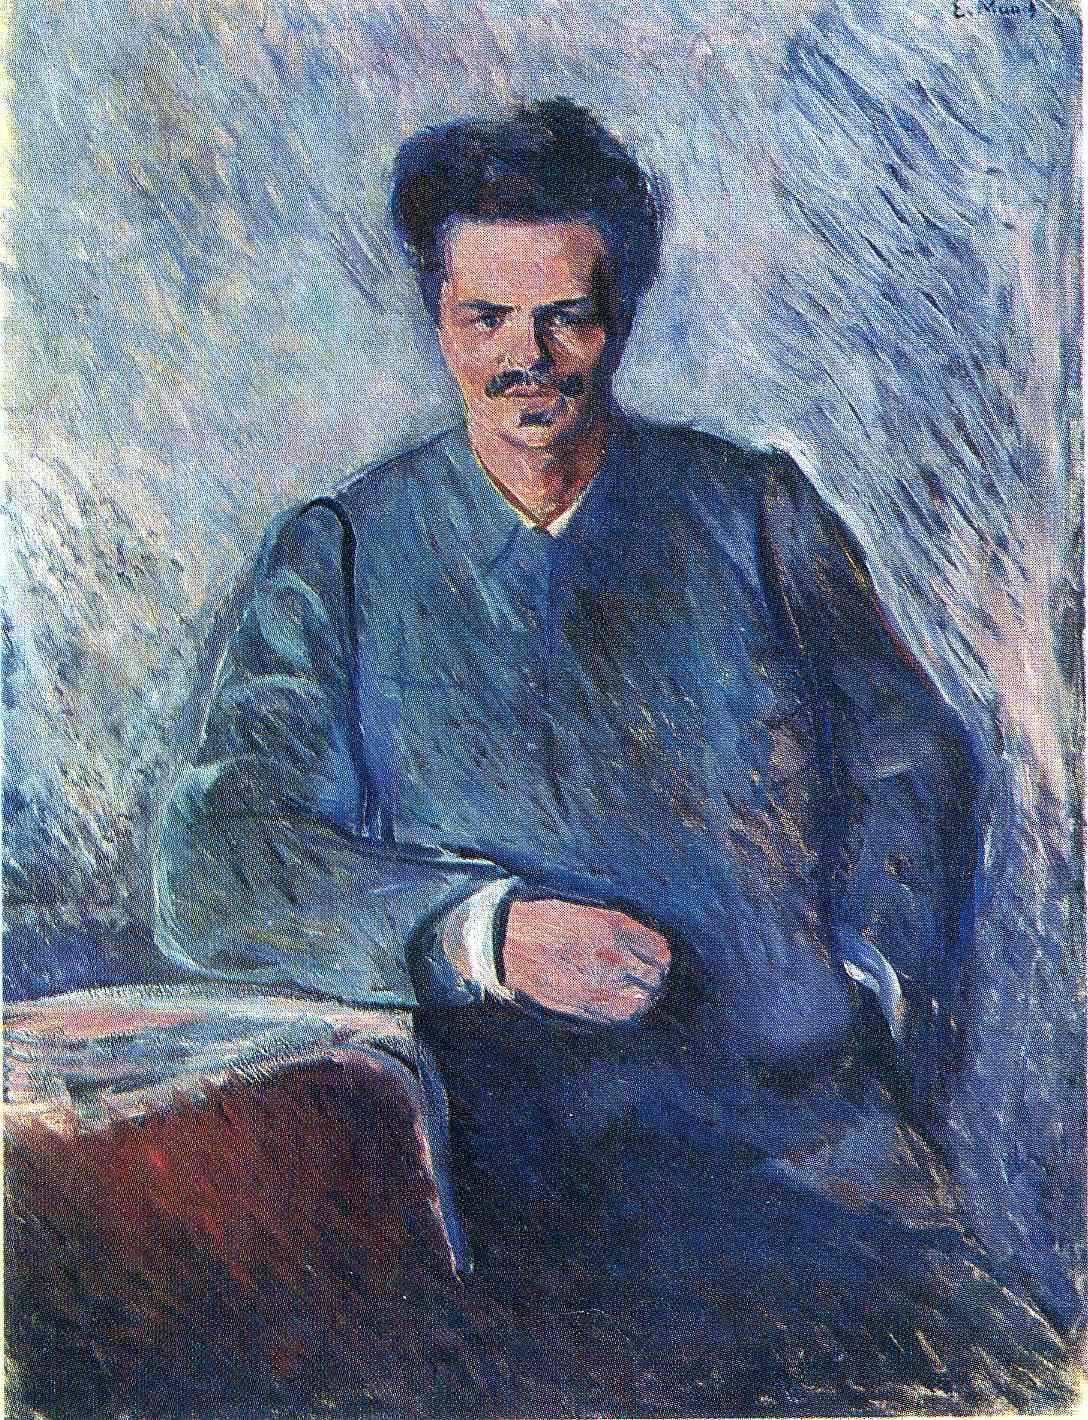 Мунк. Портрет Августа Стриндберга.